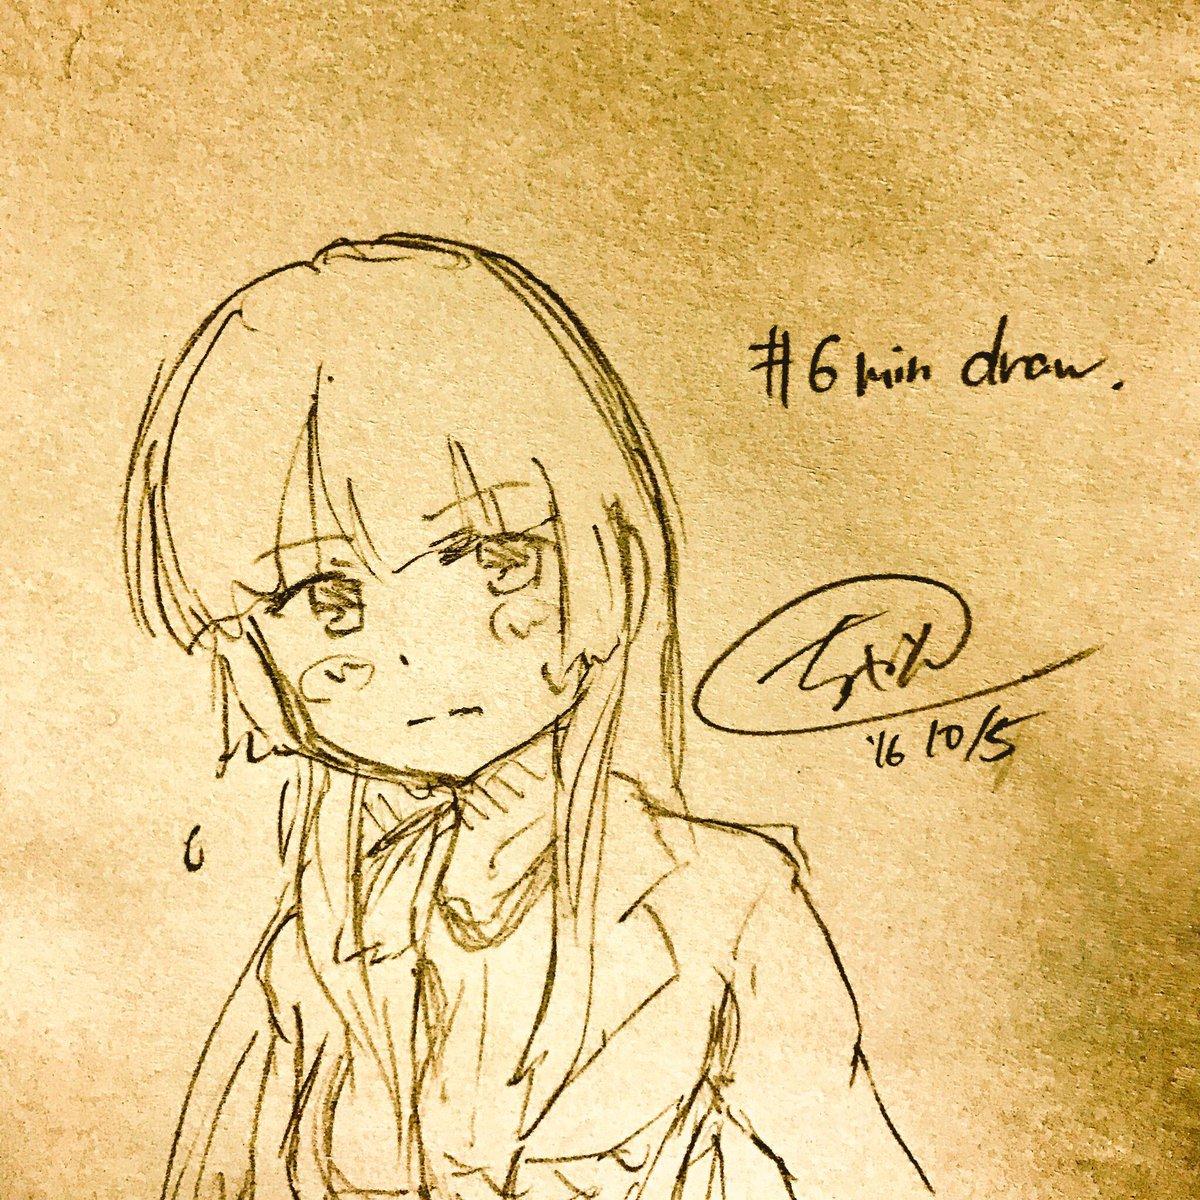 きのうときょうのそらメソ絵。スケブに応じれるくらいの速くて正確な筆さばきを身につけたいです_(:3 」∠ )_#sora